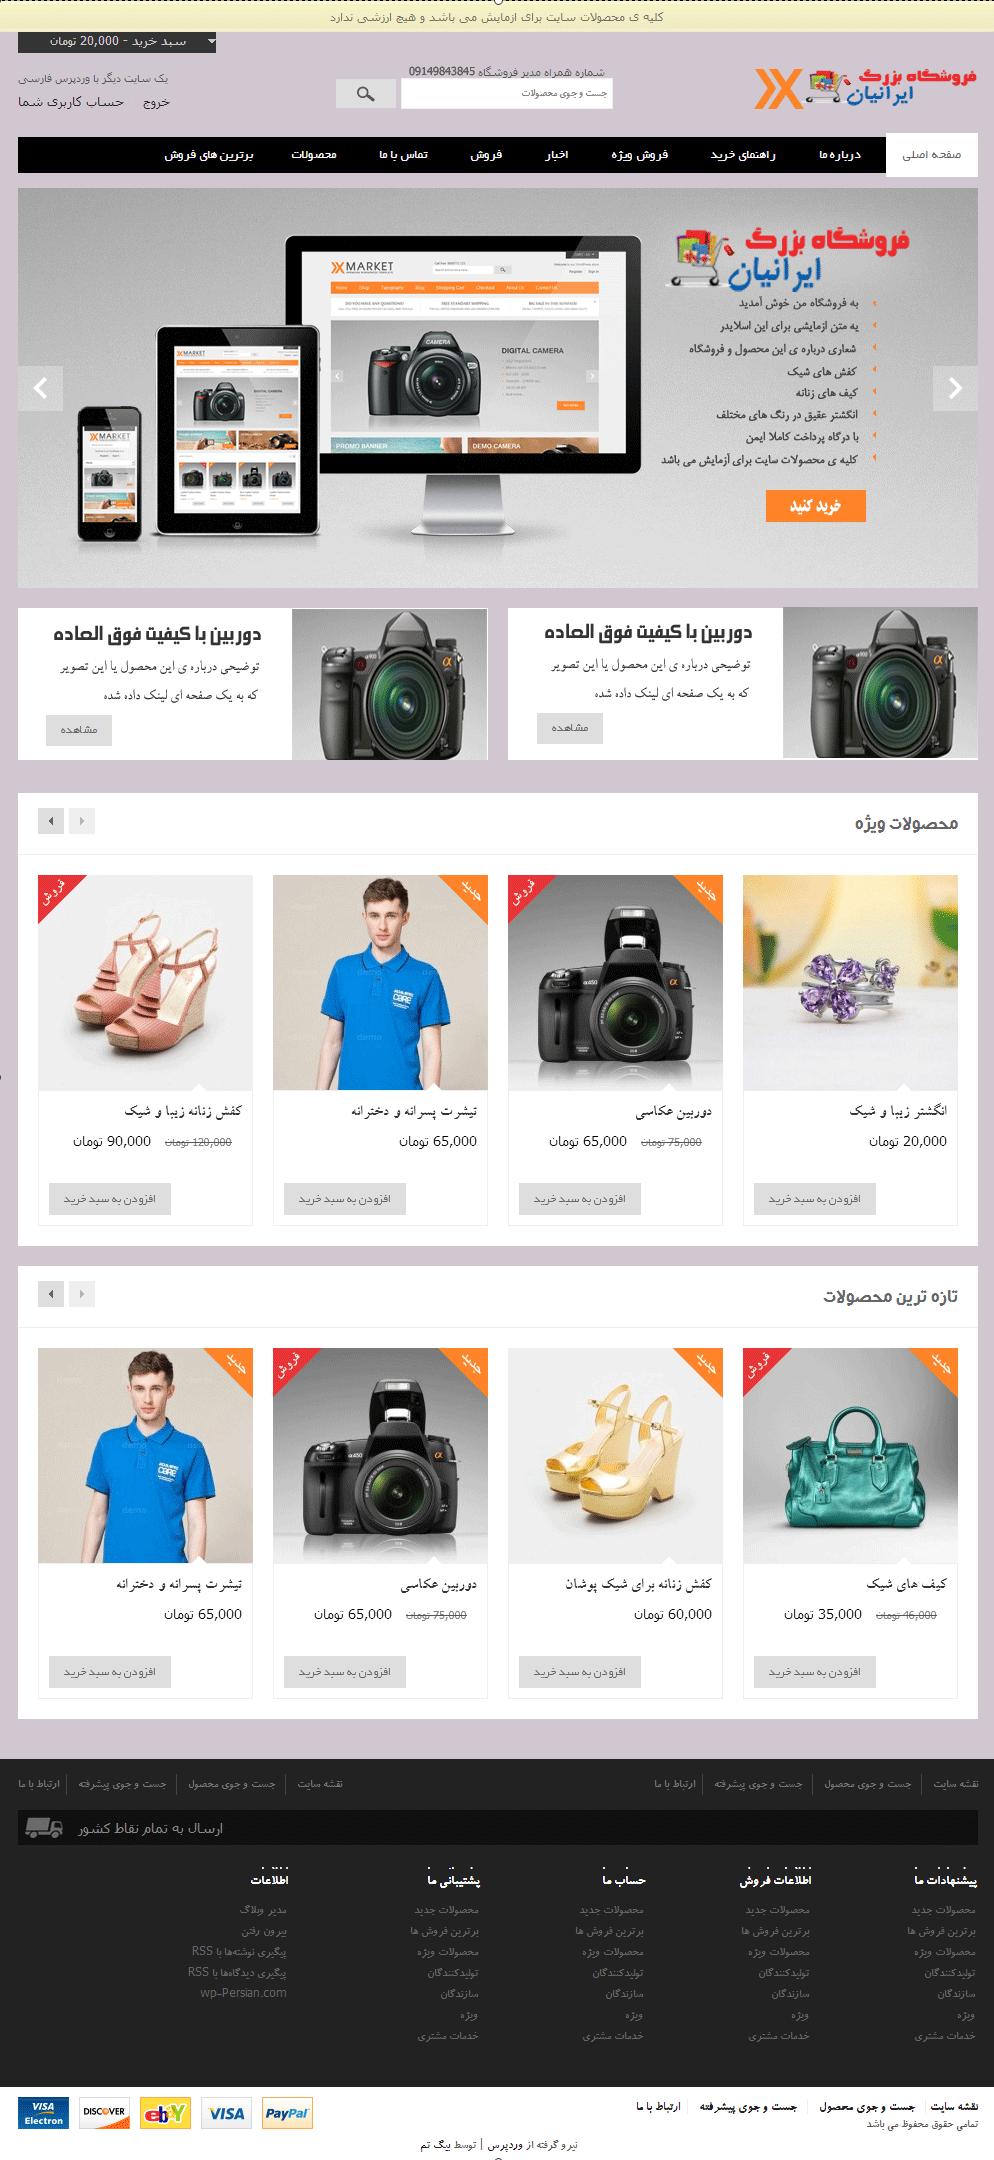 دانلود قالب فروشگاهی وردپرس xmarket فارسی